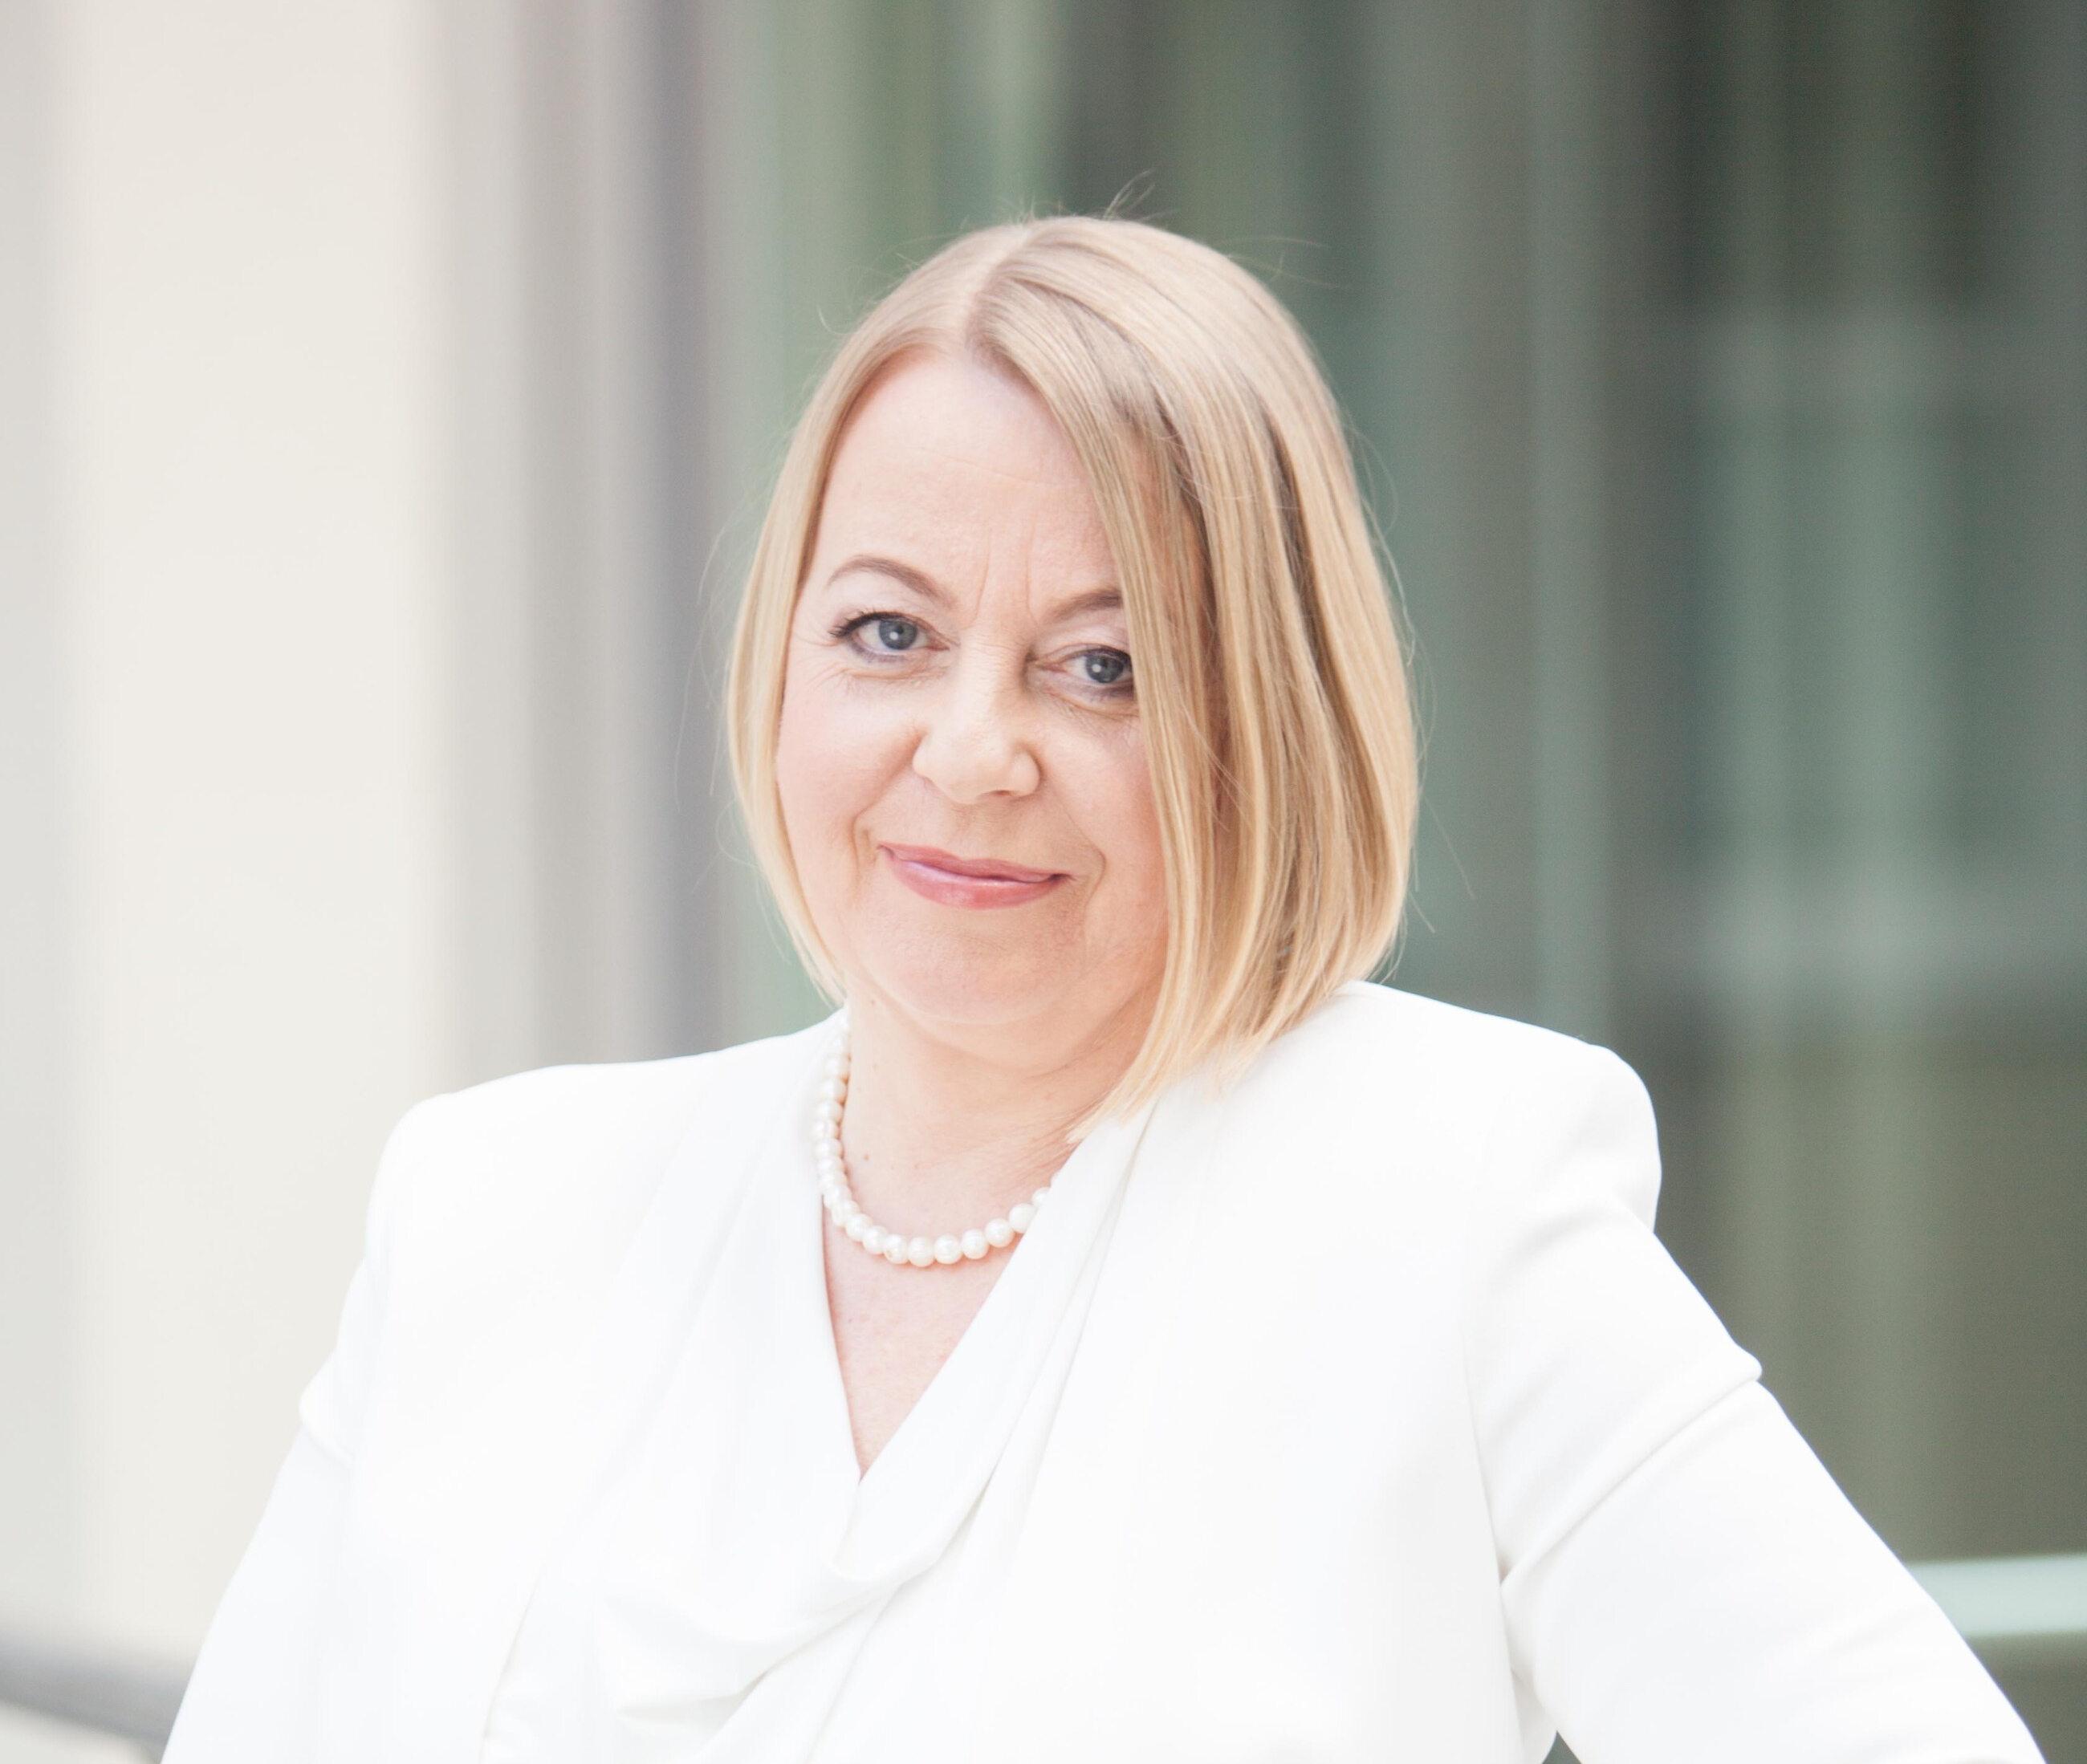 Małgorzata Oleszczuk, prezes Polskiej Agencji Rozwoju Przedsiębiorczości